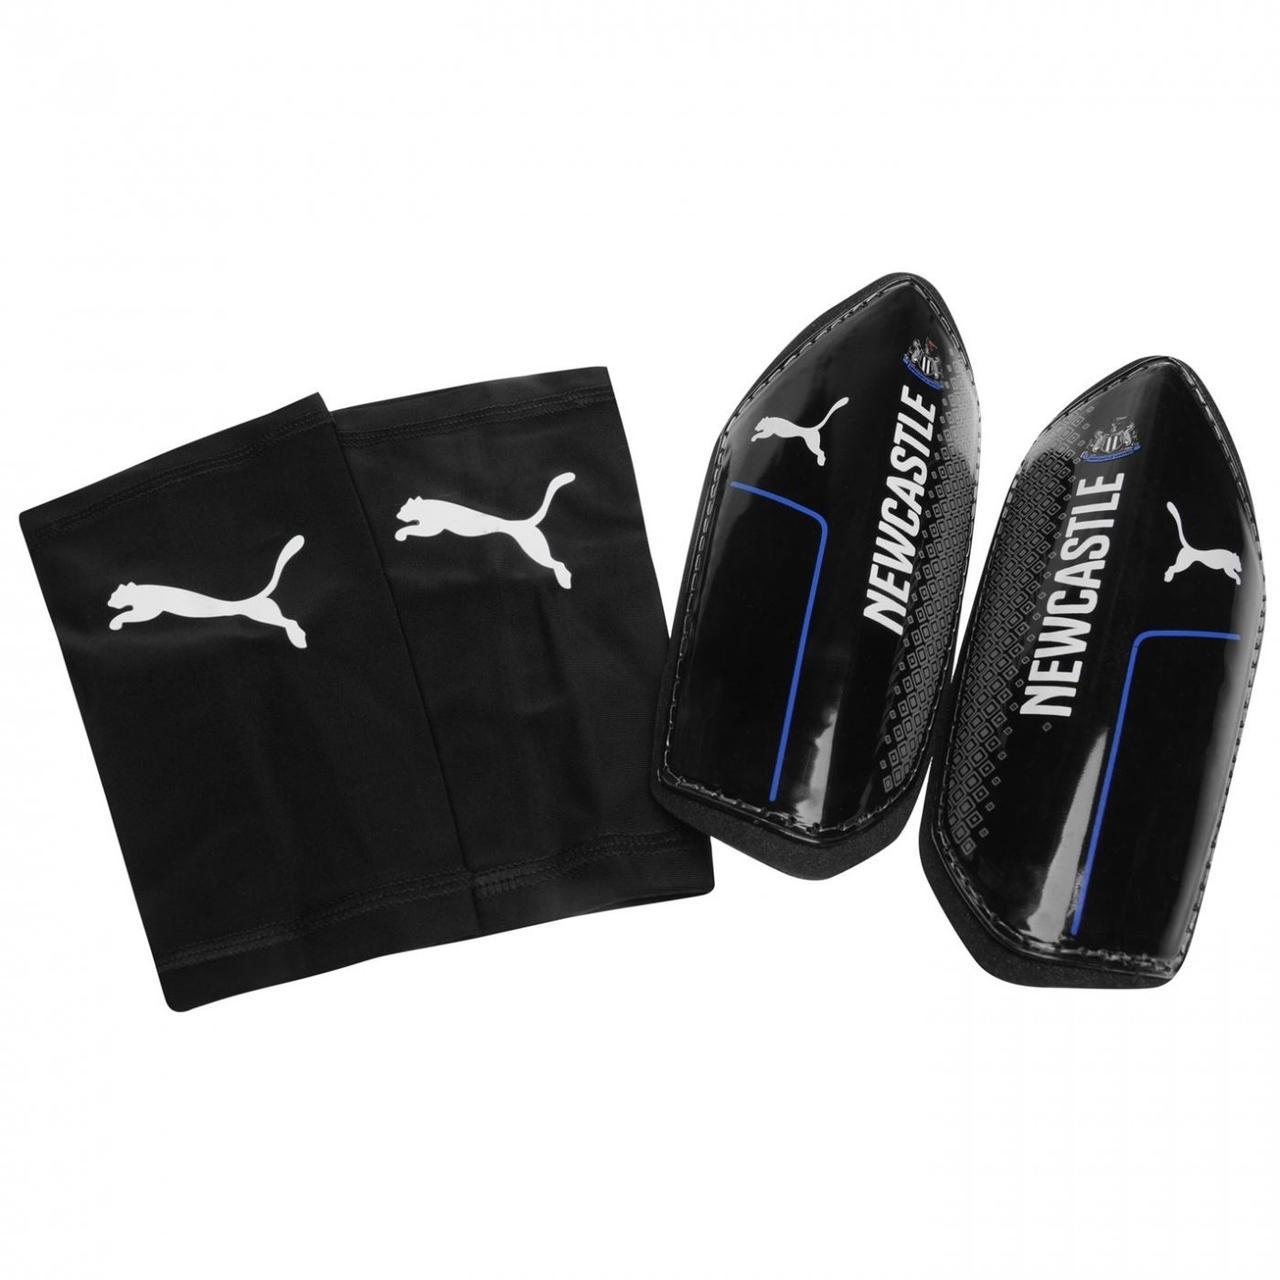 Футбольные щитки Puma - Newcastle United FC Оригинал